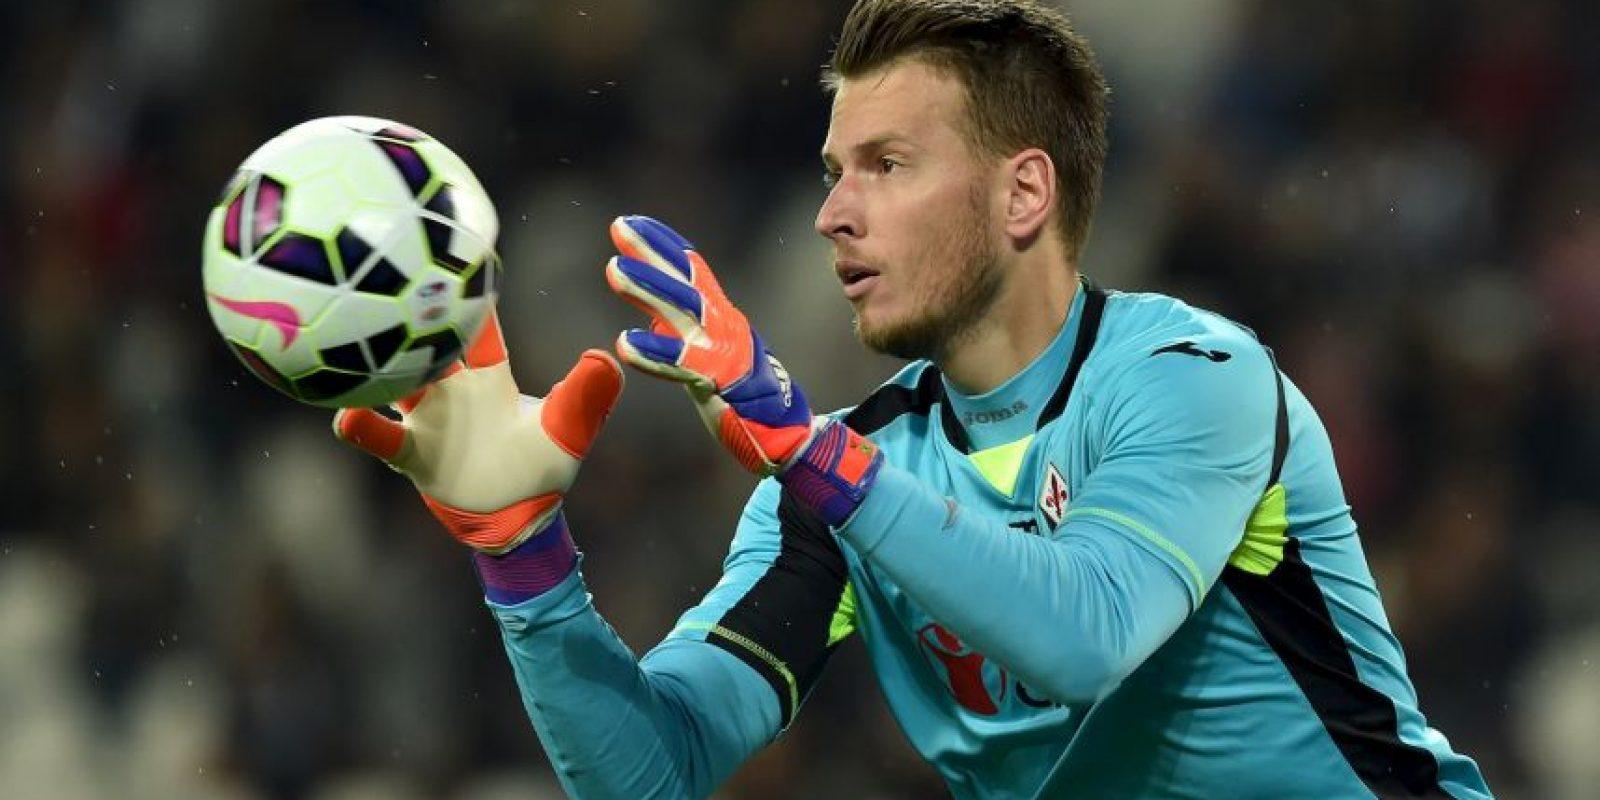 El portero brasileño es nuevo elemento de la Juventus de Turín Foto:Getty Images